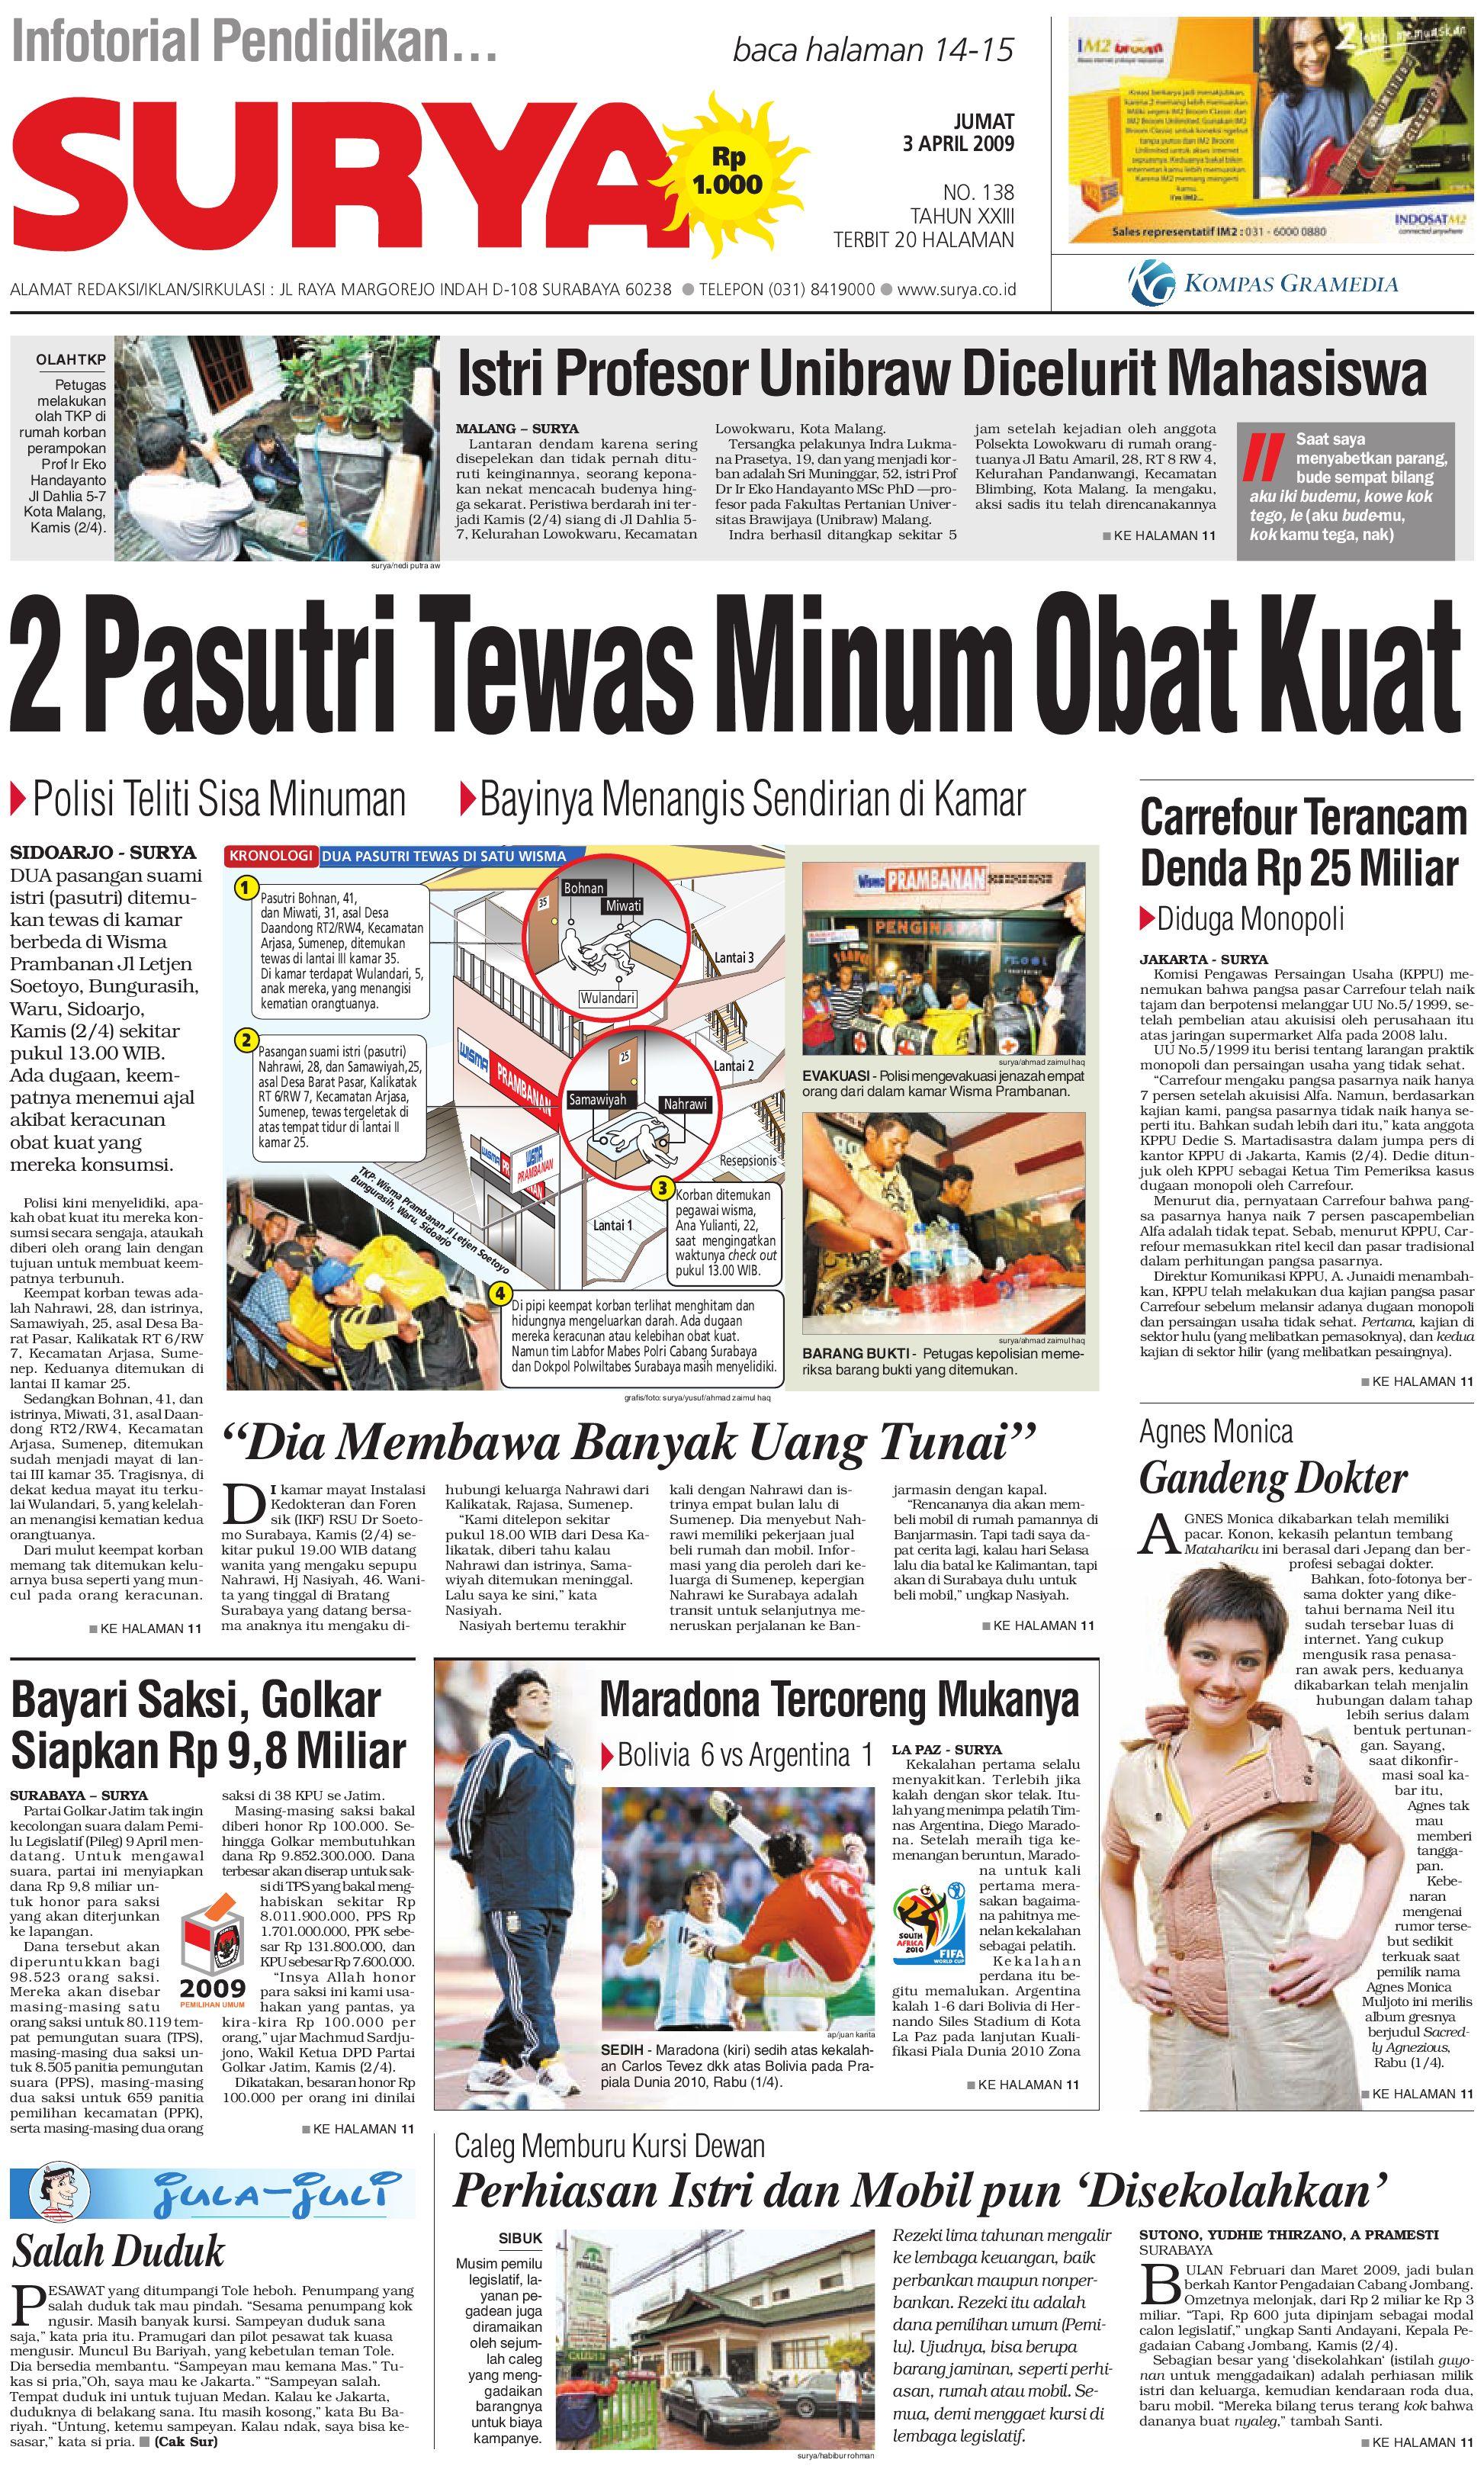 surya edisi cetak 16 maret 2009 by harian surya issuu